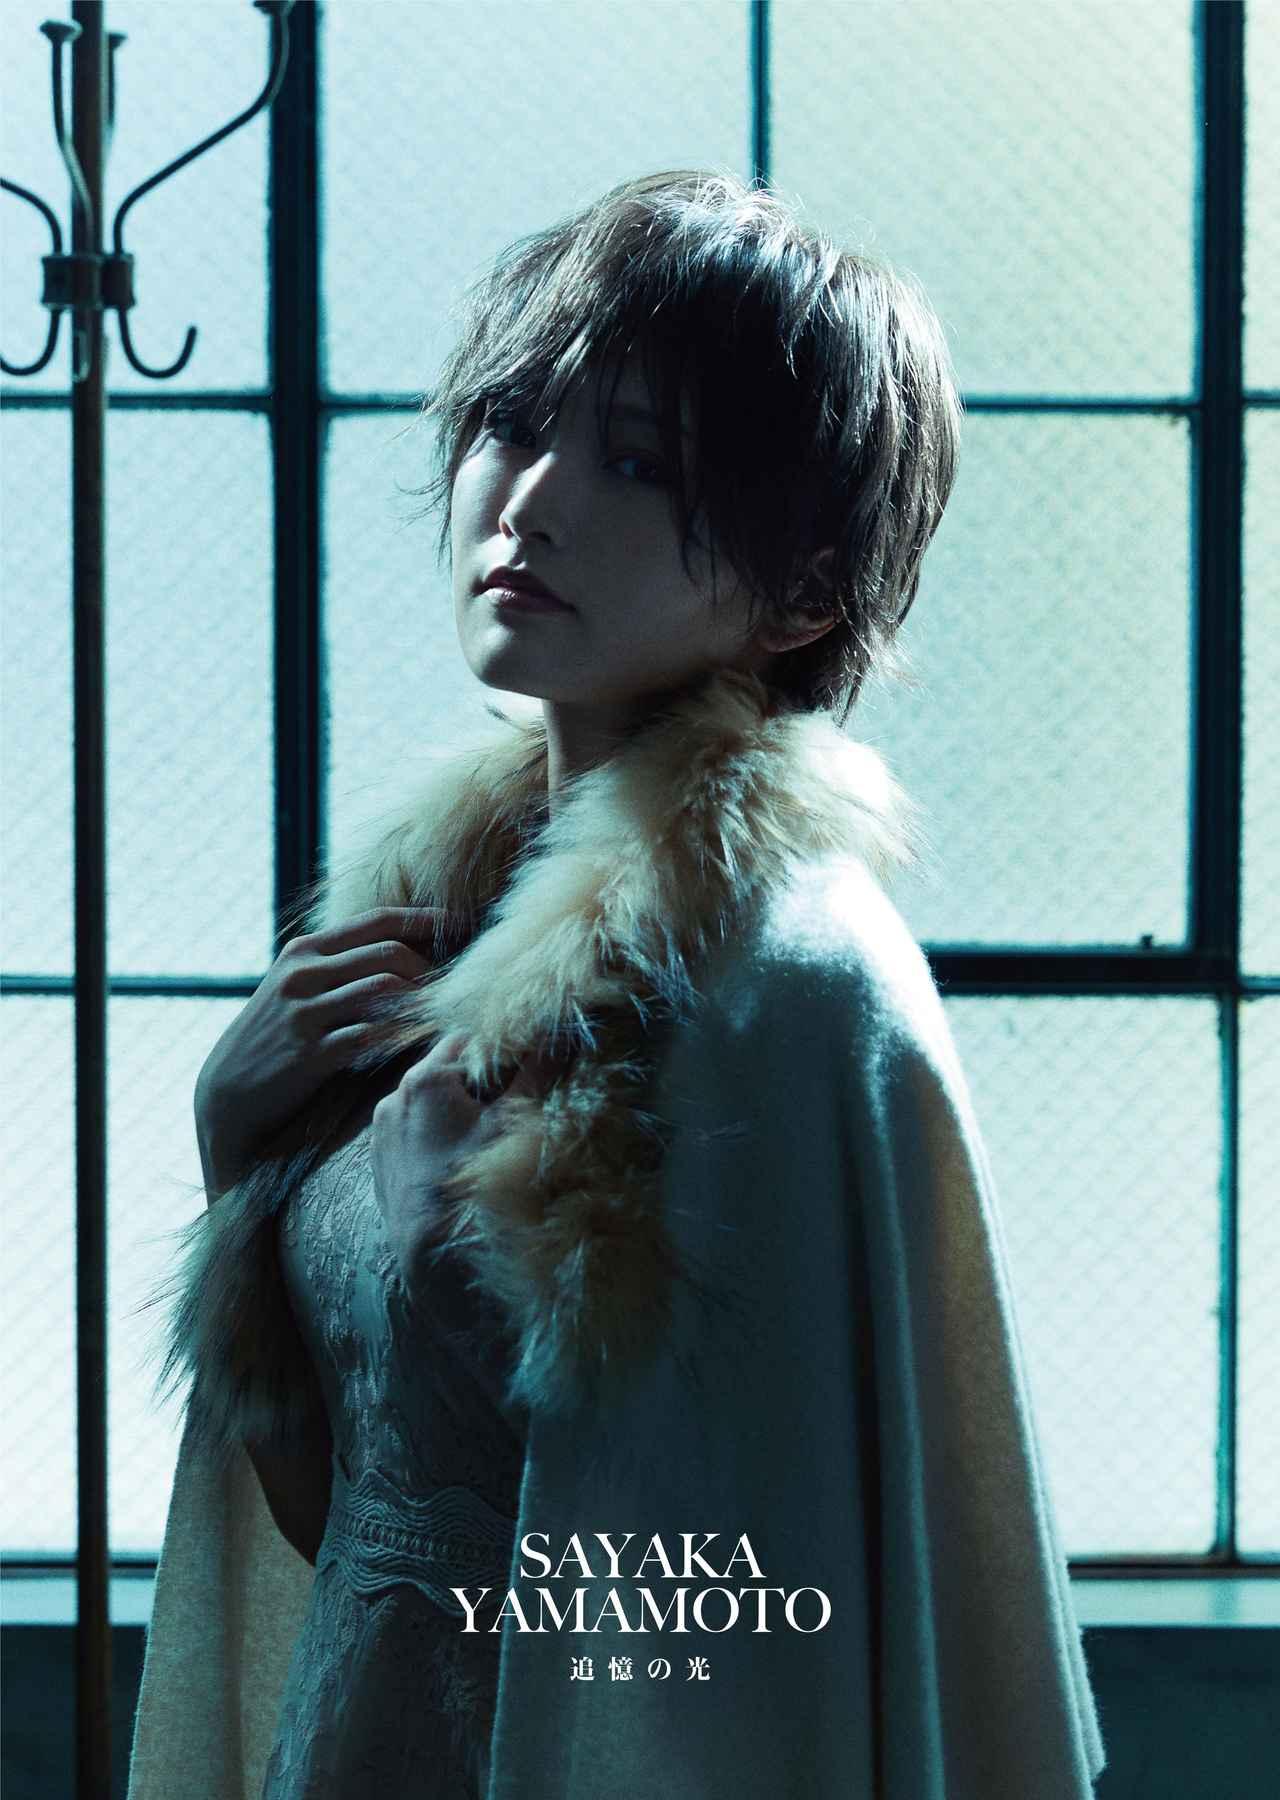 画像: 山本彩 公式サイト Yamamoto Sayaka Official Site